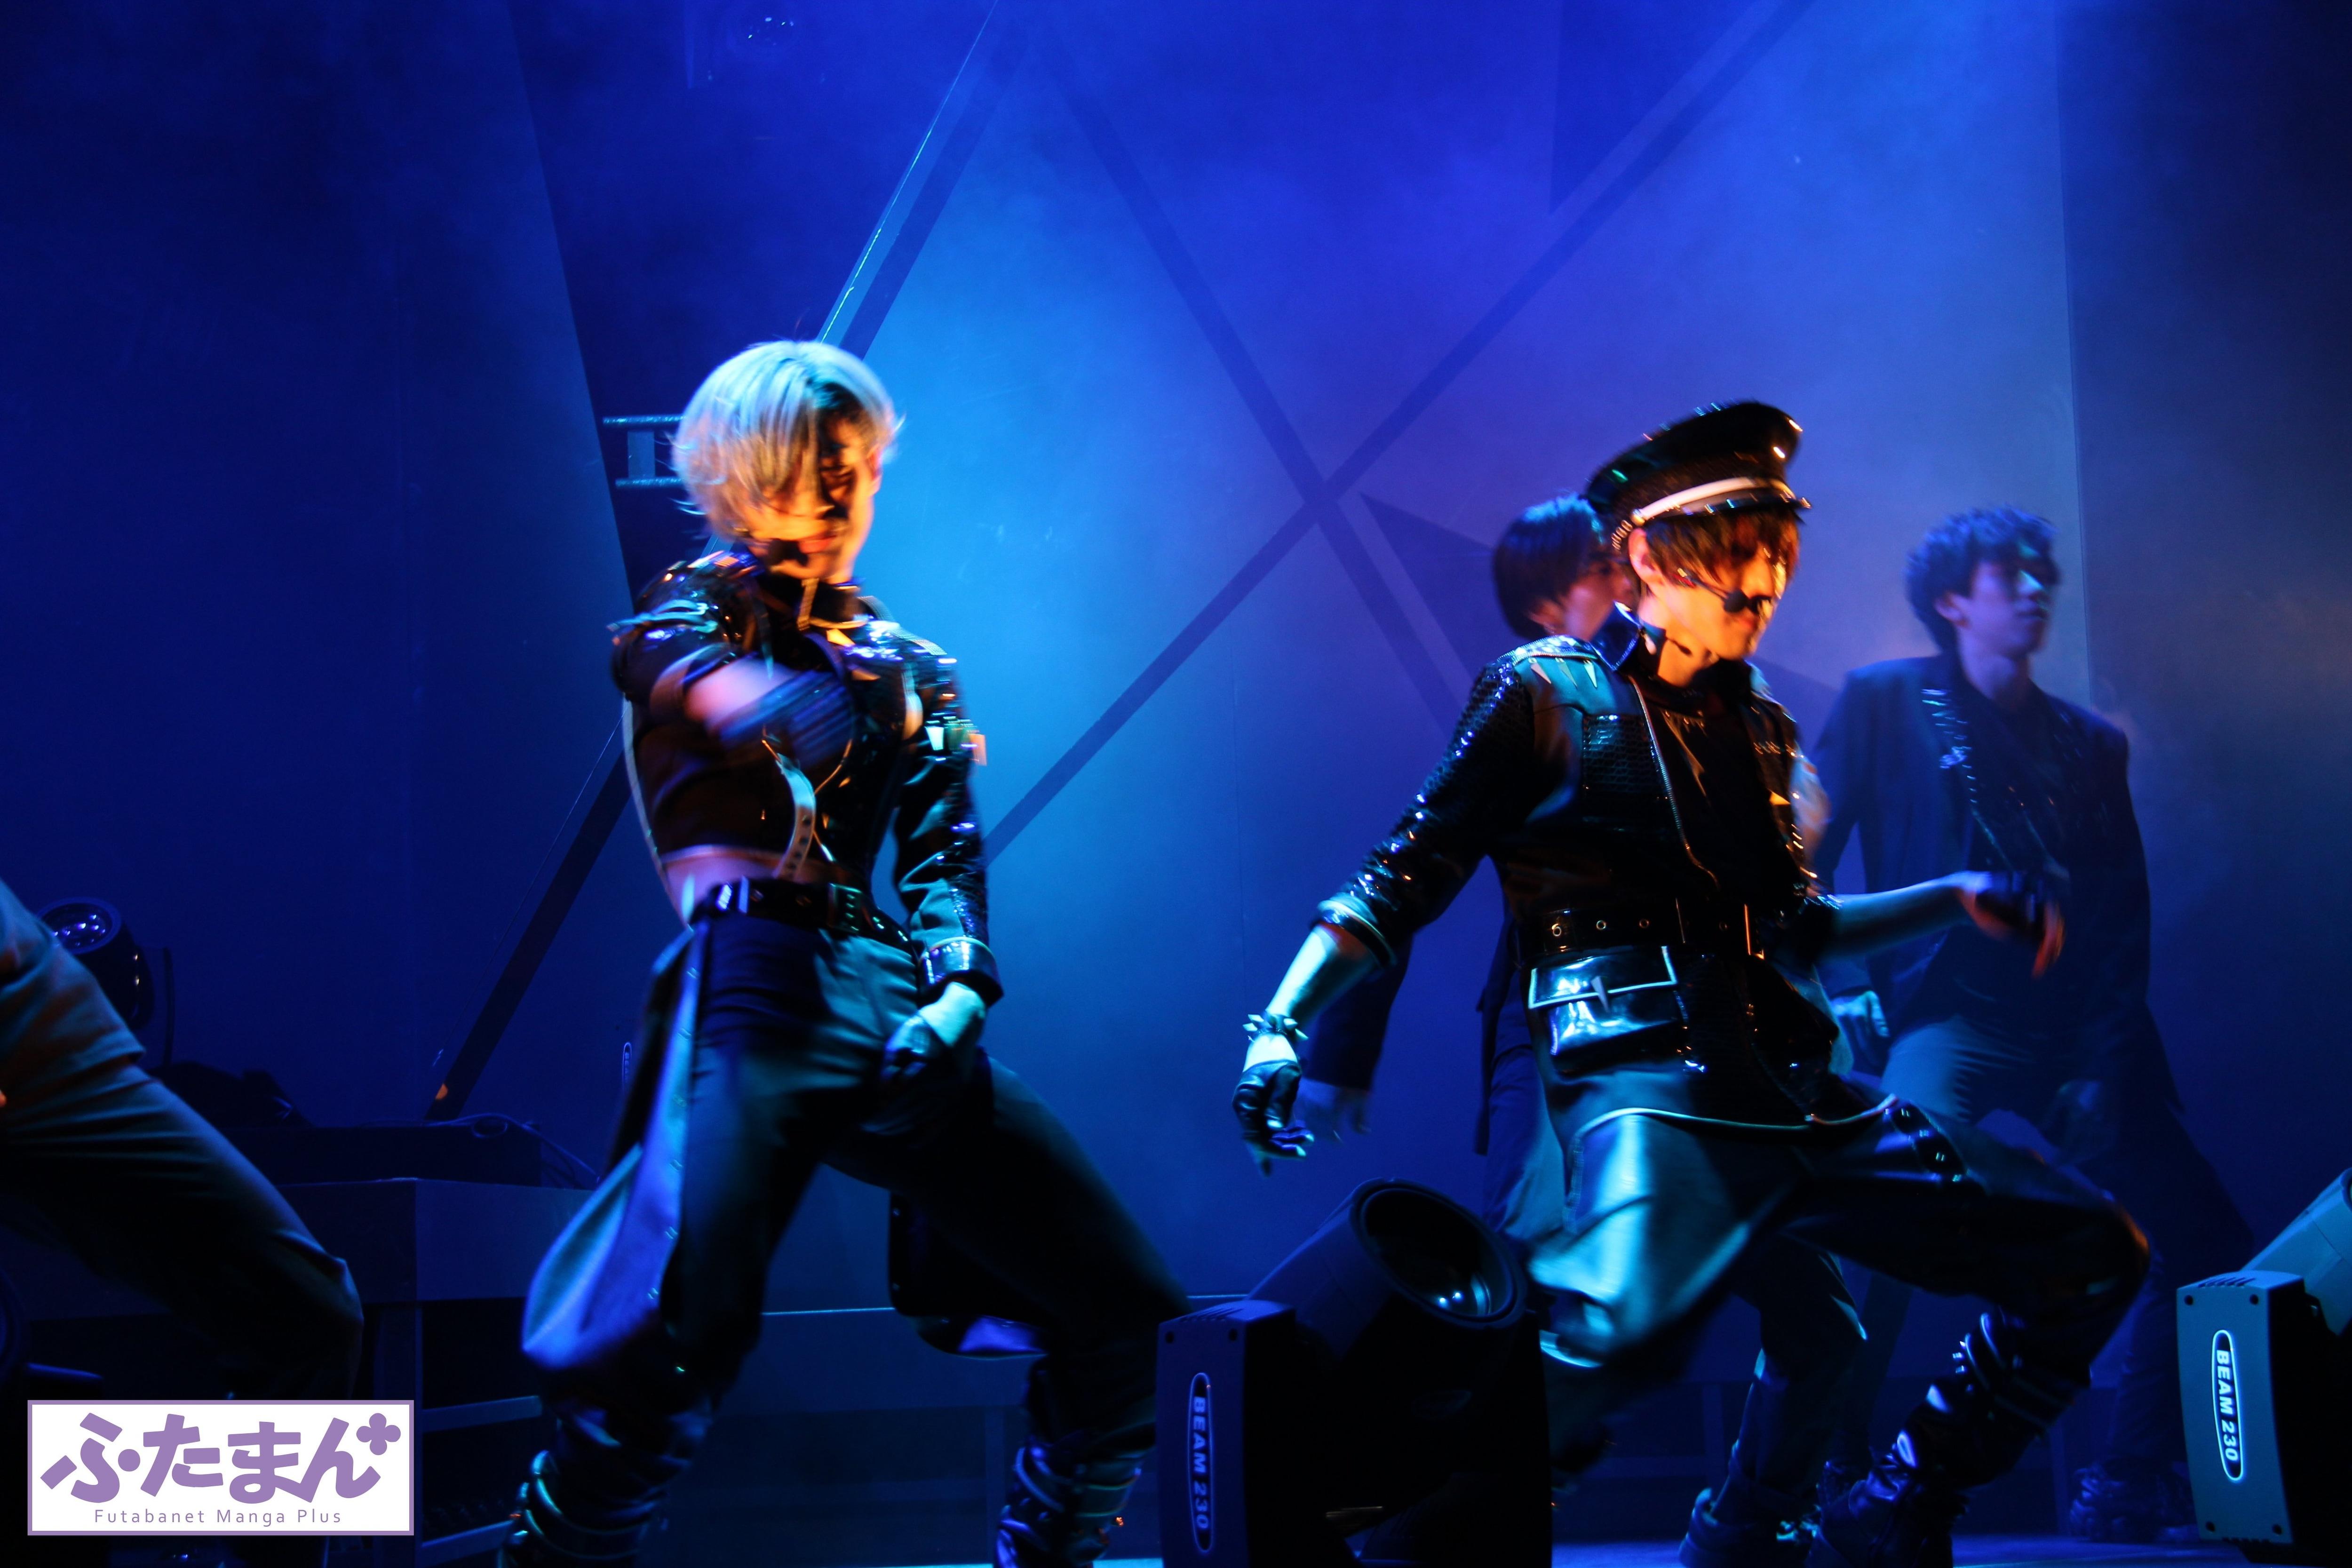 アウトローなZIXの魅力に酔いしれる2.5次元ダンスライブ「ALIVESTAGE」外伝 ZIX STAGE『Break It!』ゲネプロレポートの画像035